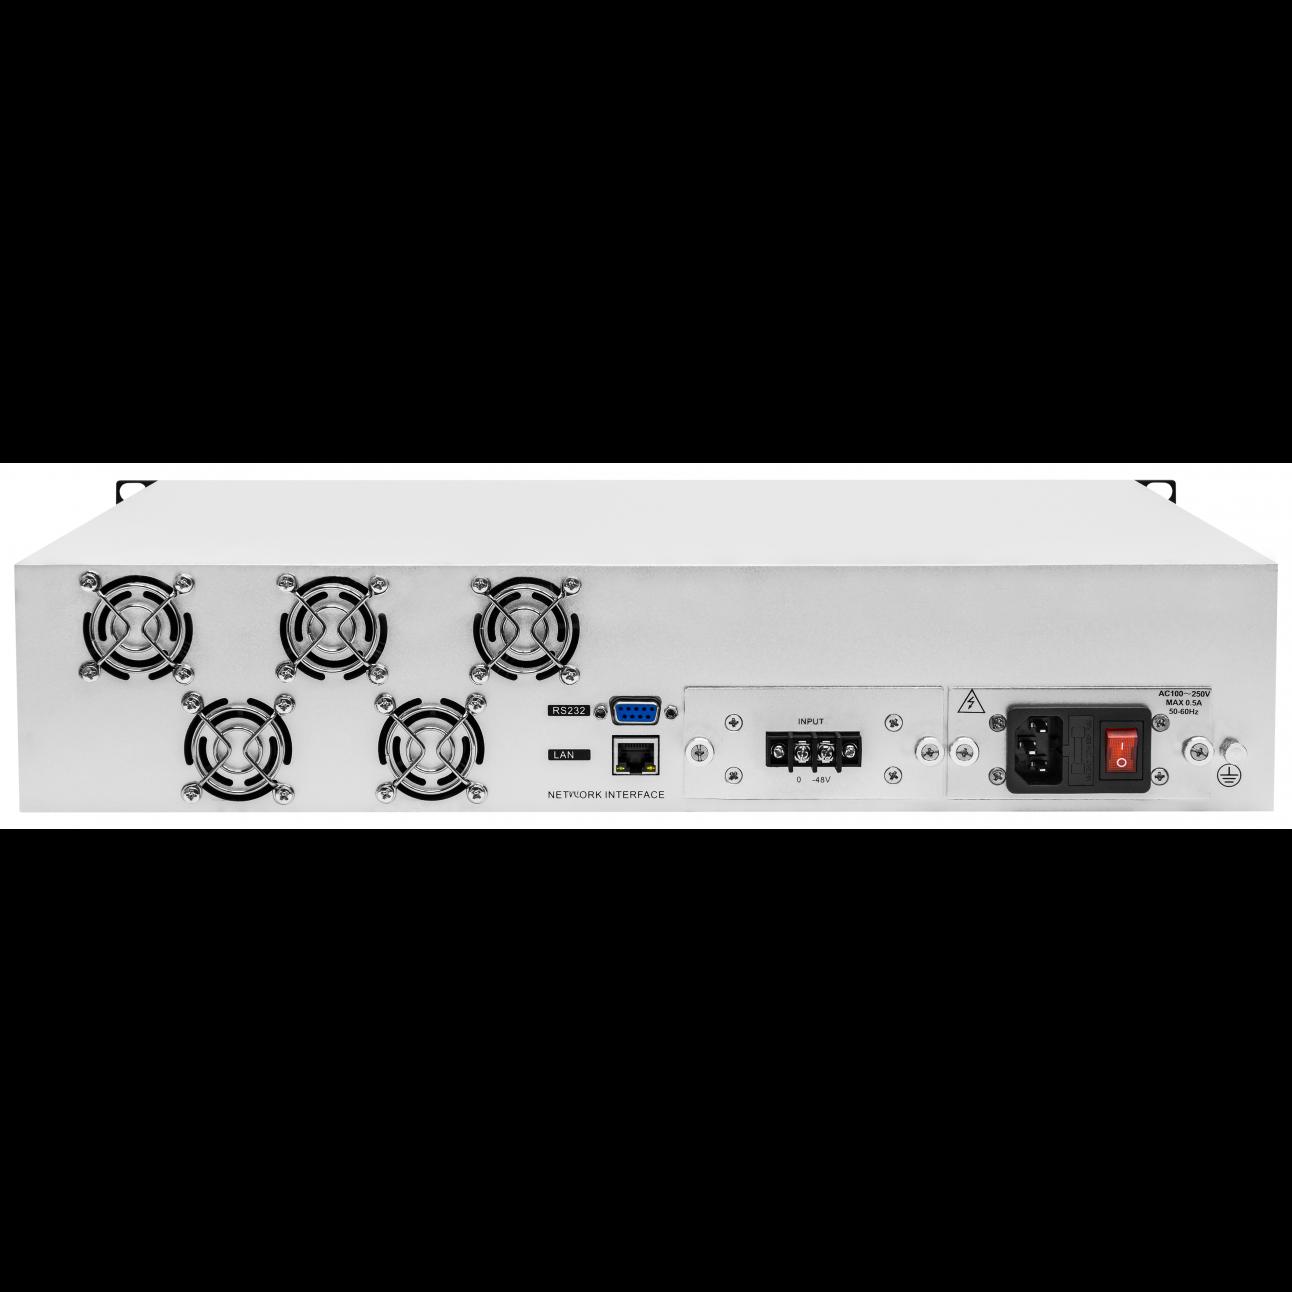 Оптический усилитель VERMAX для сетей КТВ, 16*23dBm